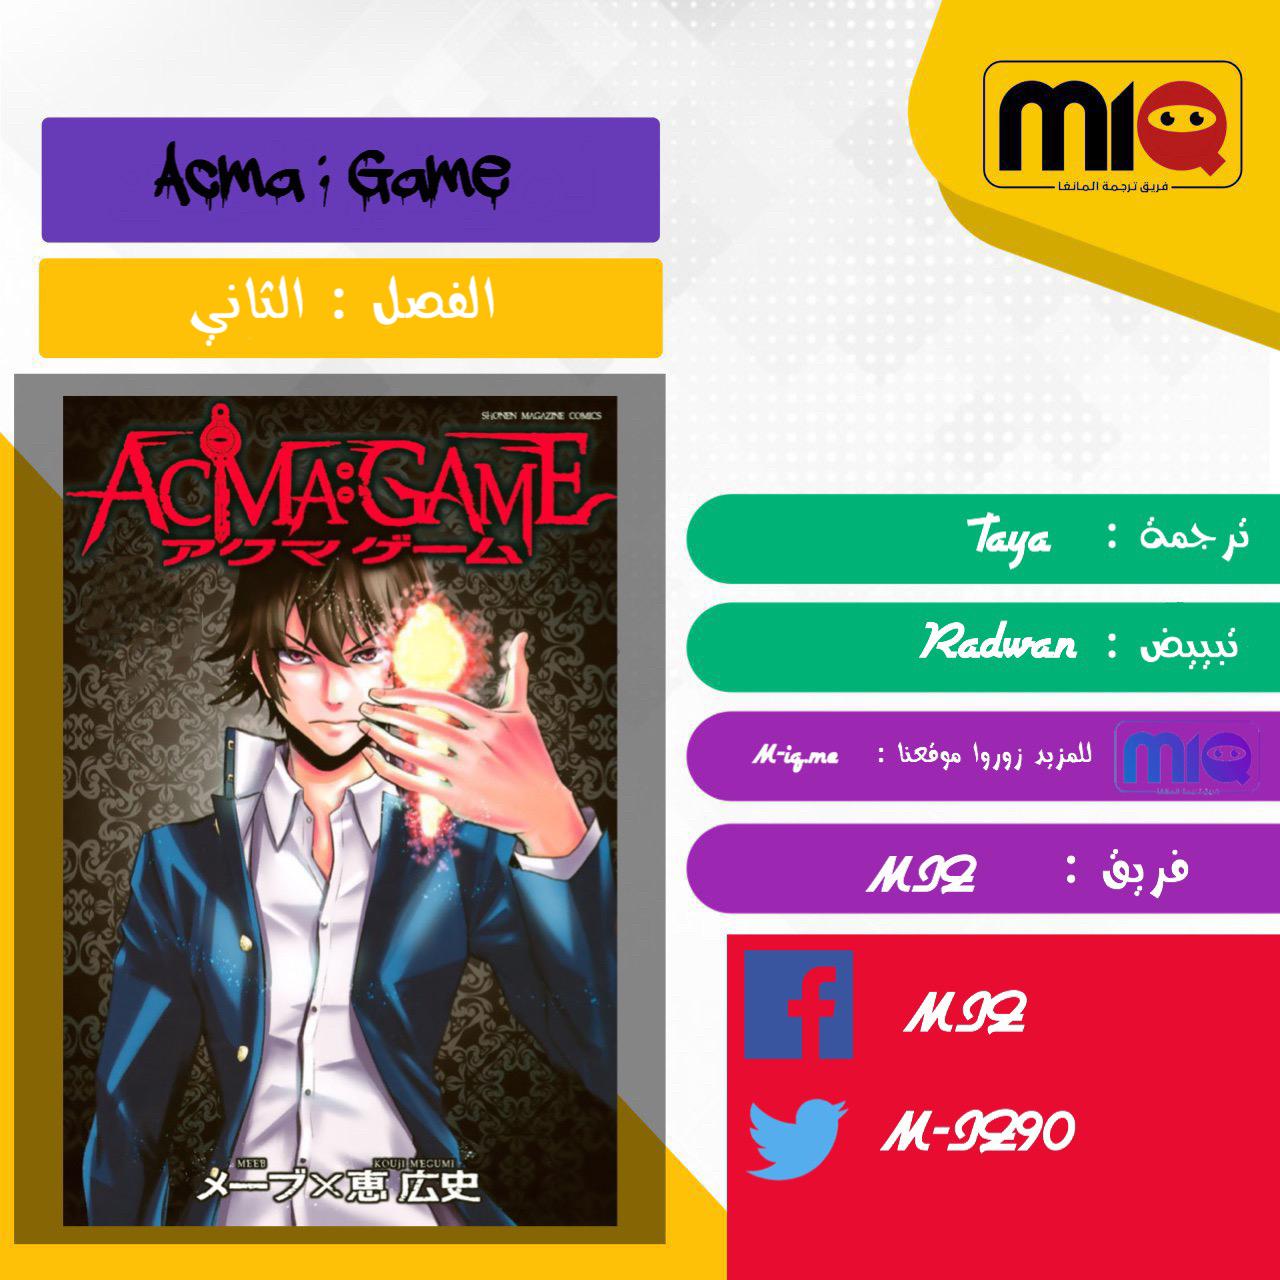 فصل 2 Acma:Game